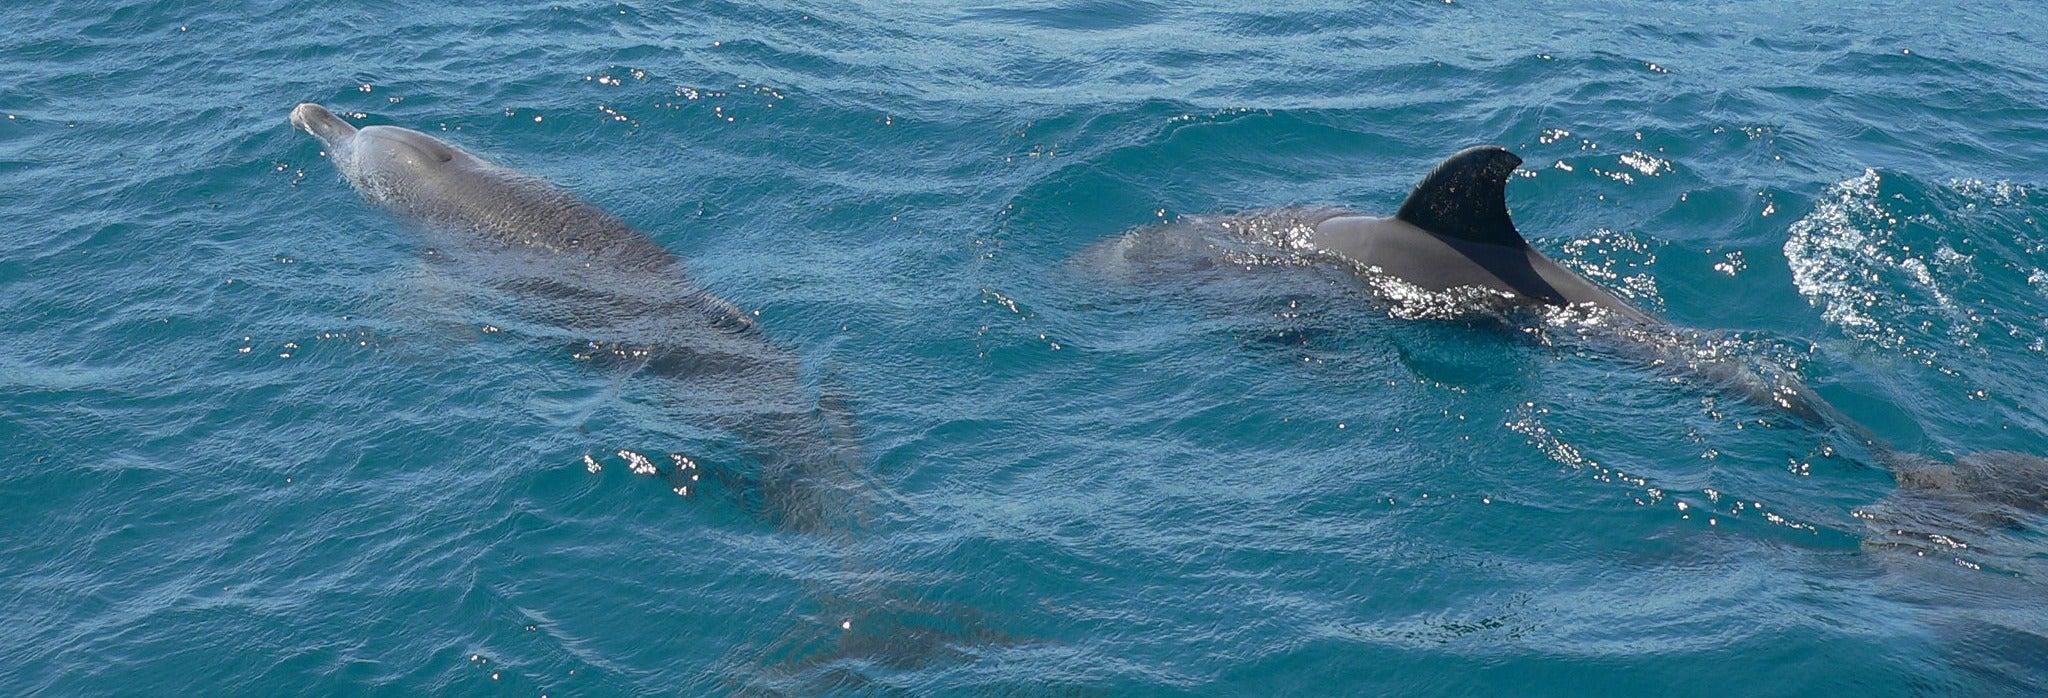 Avvistamento di delfini al Parco Nazionale Marino Kisite